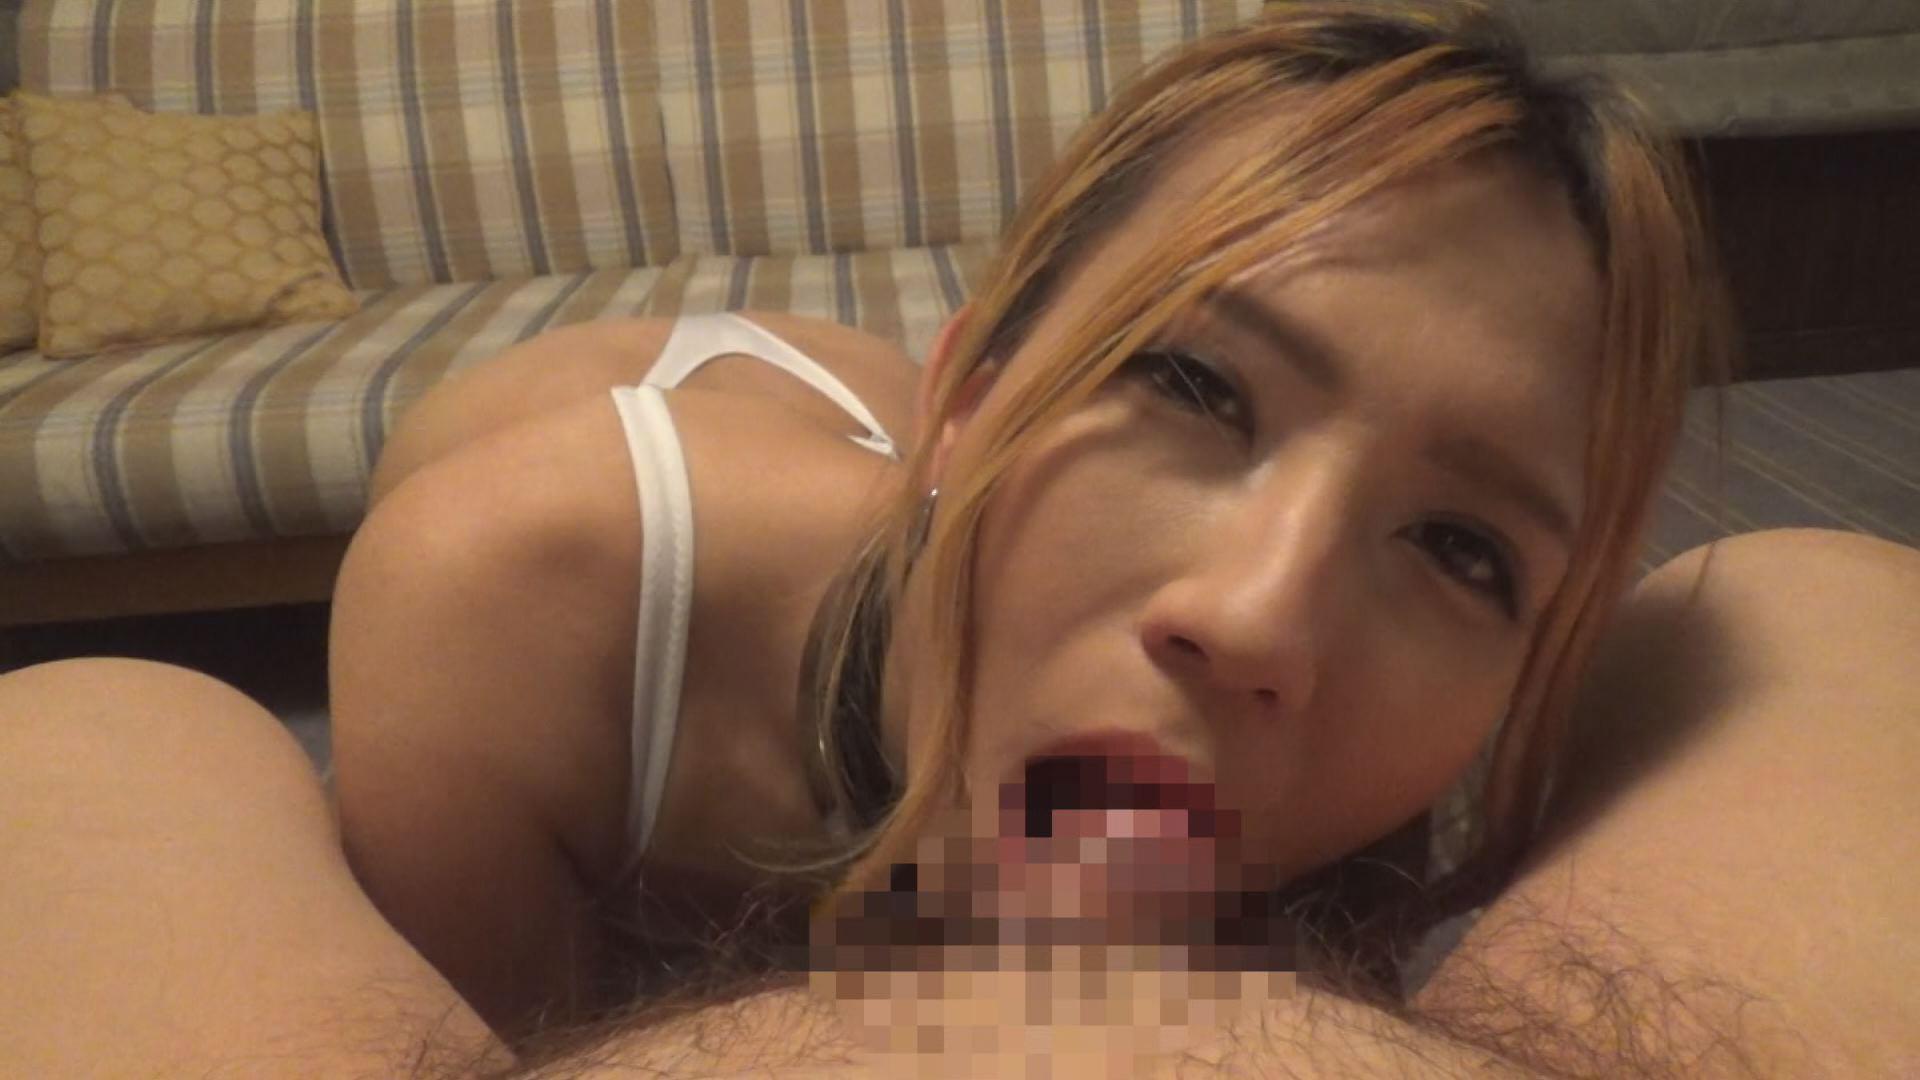 カチクオトコノコ 10 多発性アクメ症の改造女体 れい 画像14